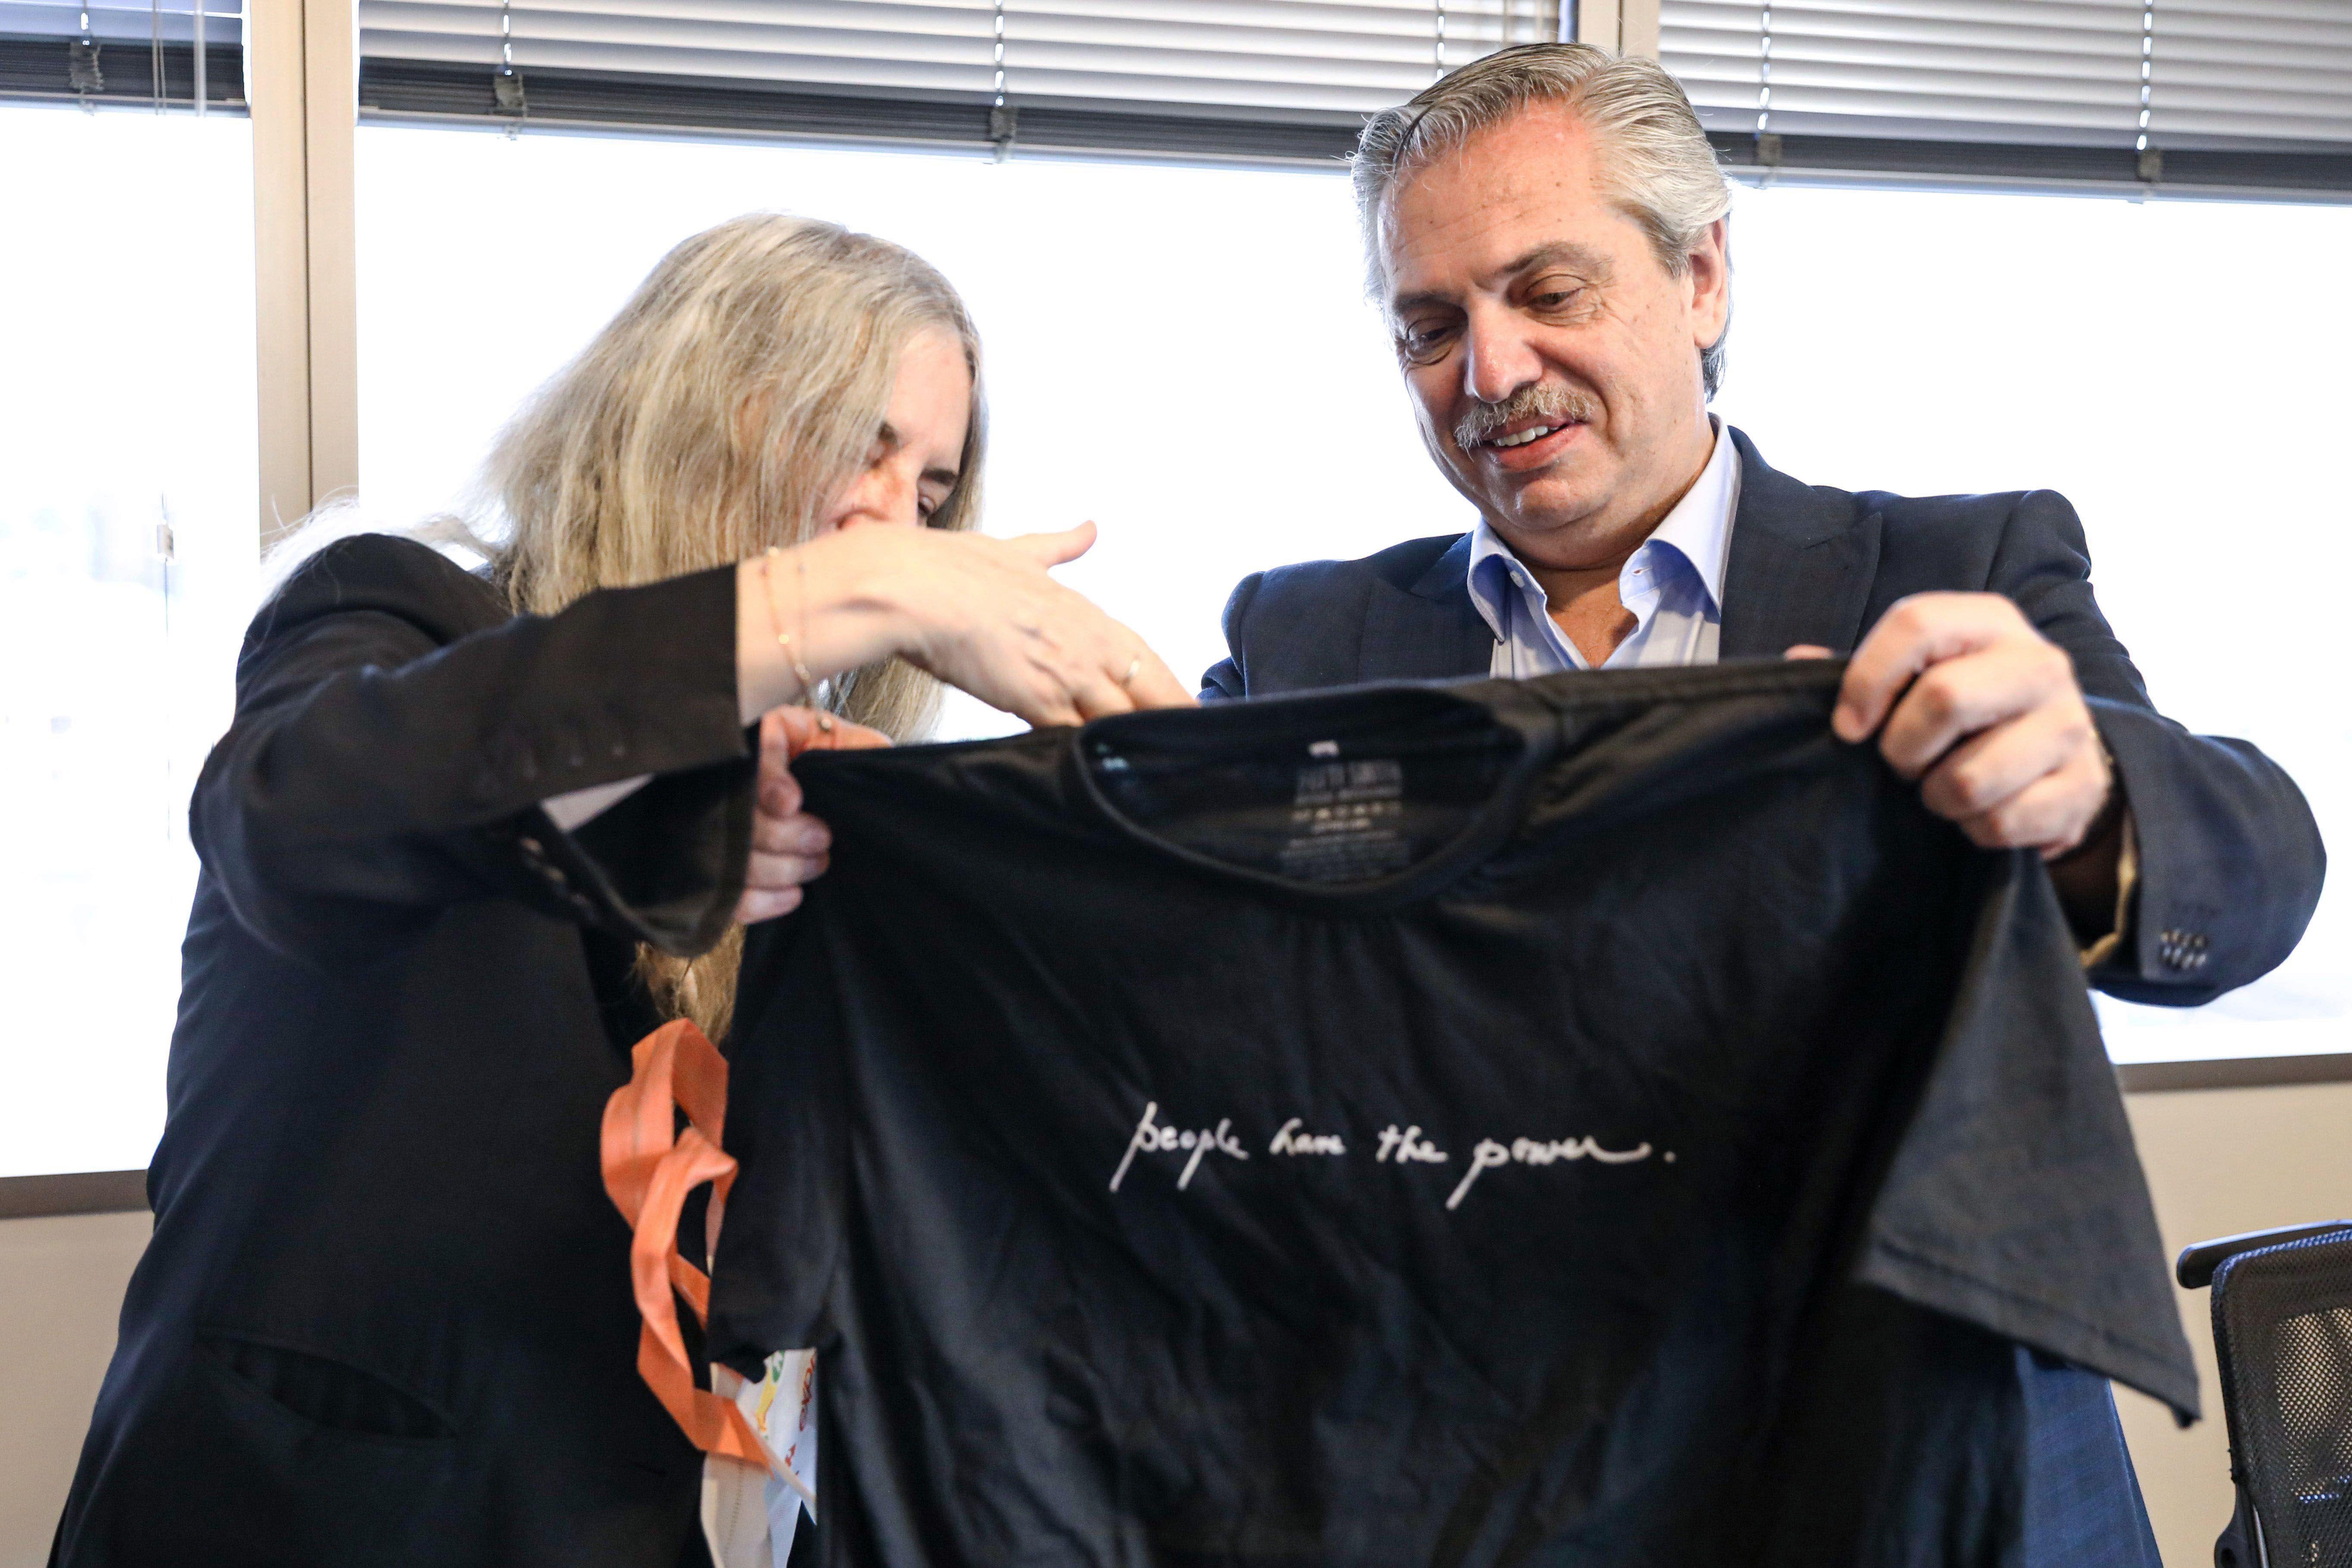 El encuentro entre Alberto Fernández y la cantante y activista Patti Smith